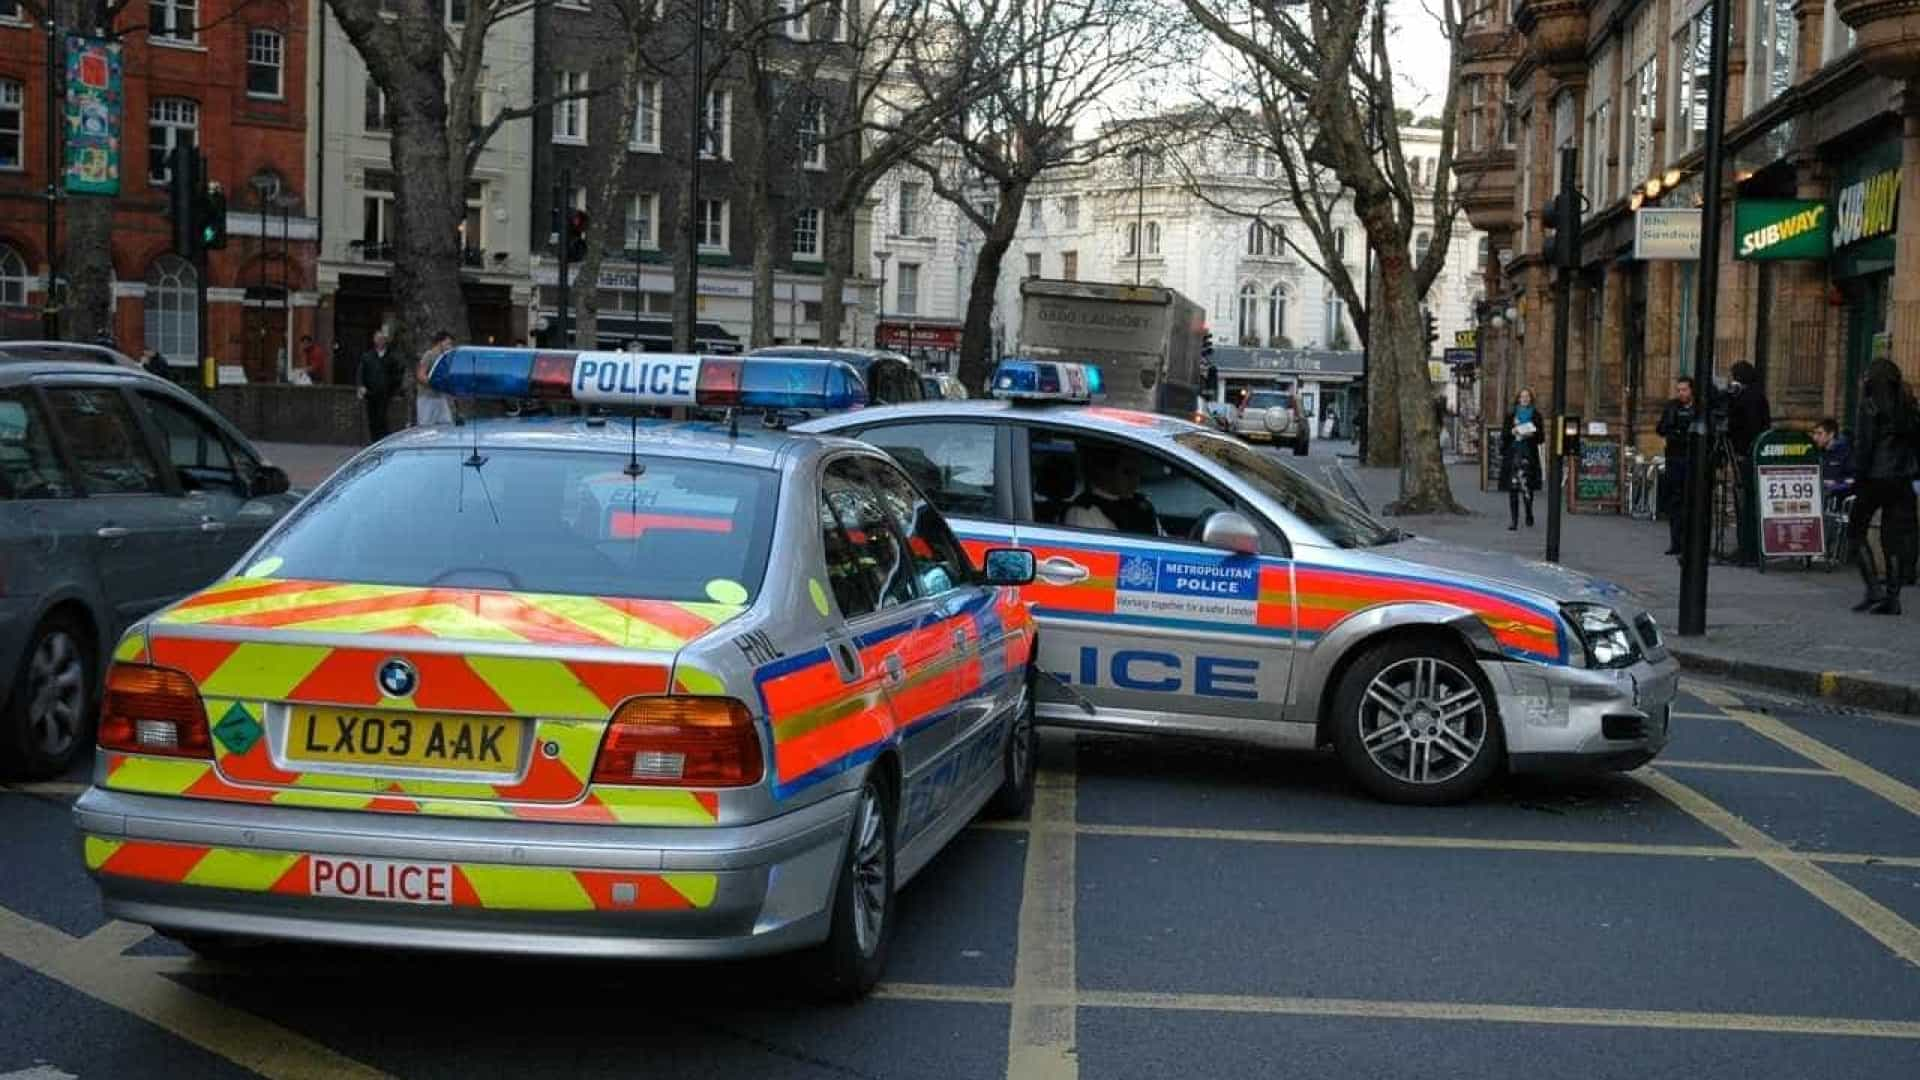 Atropelamento deixa feridos em encontro muçulmano na Inglaterra